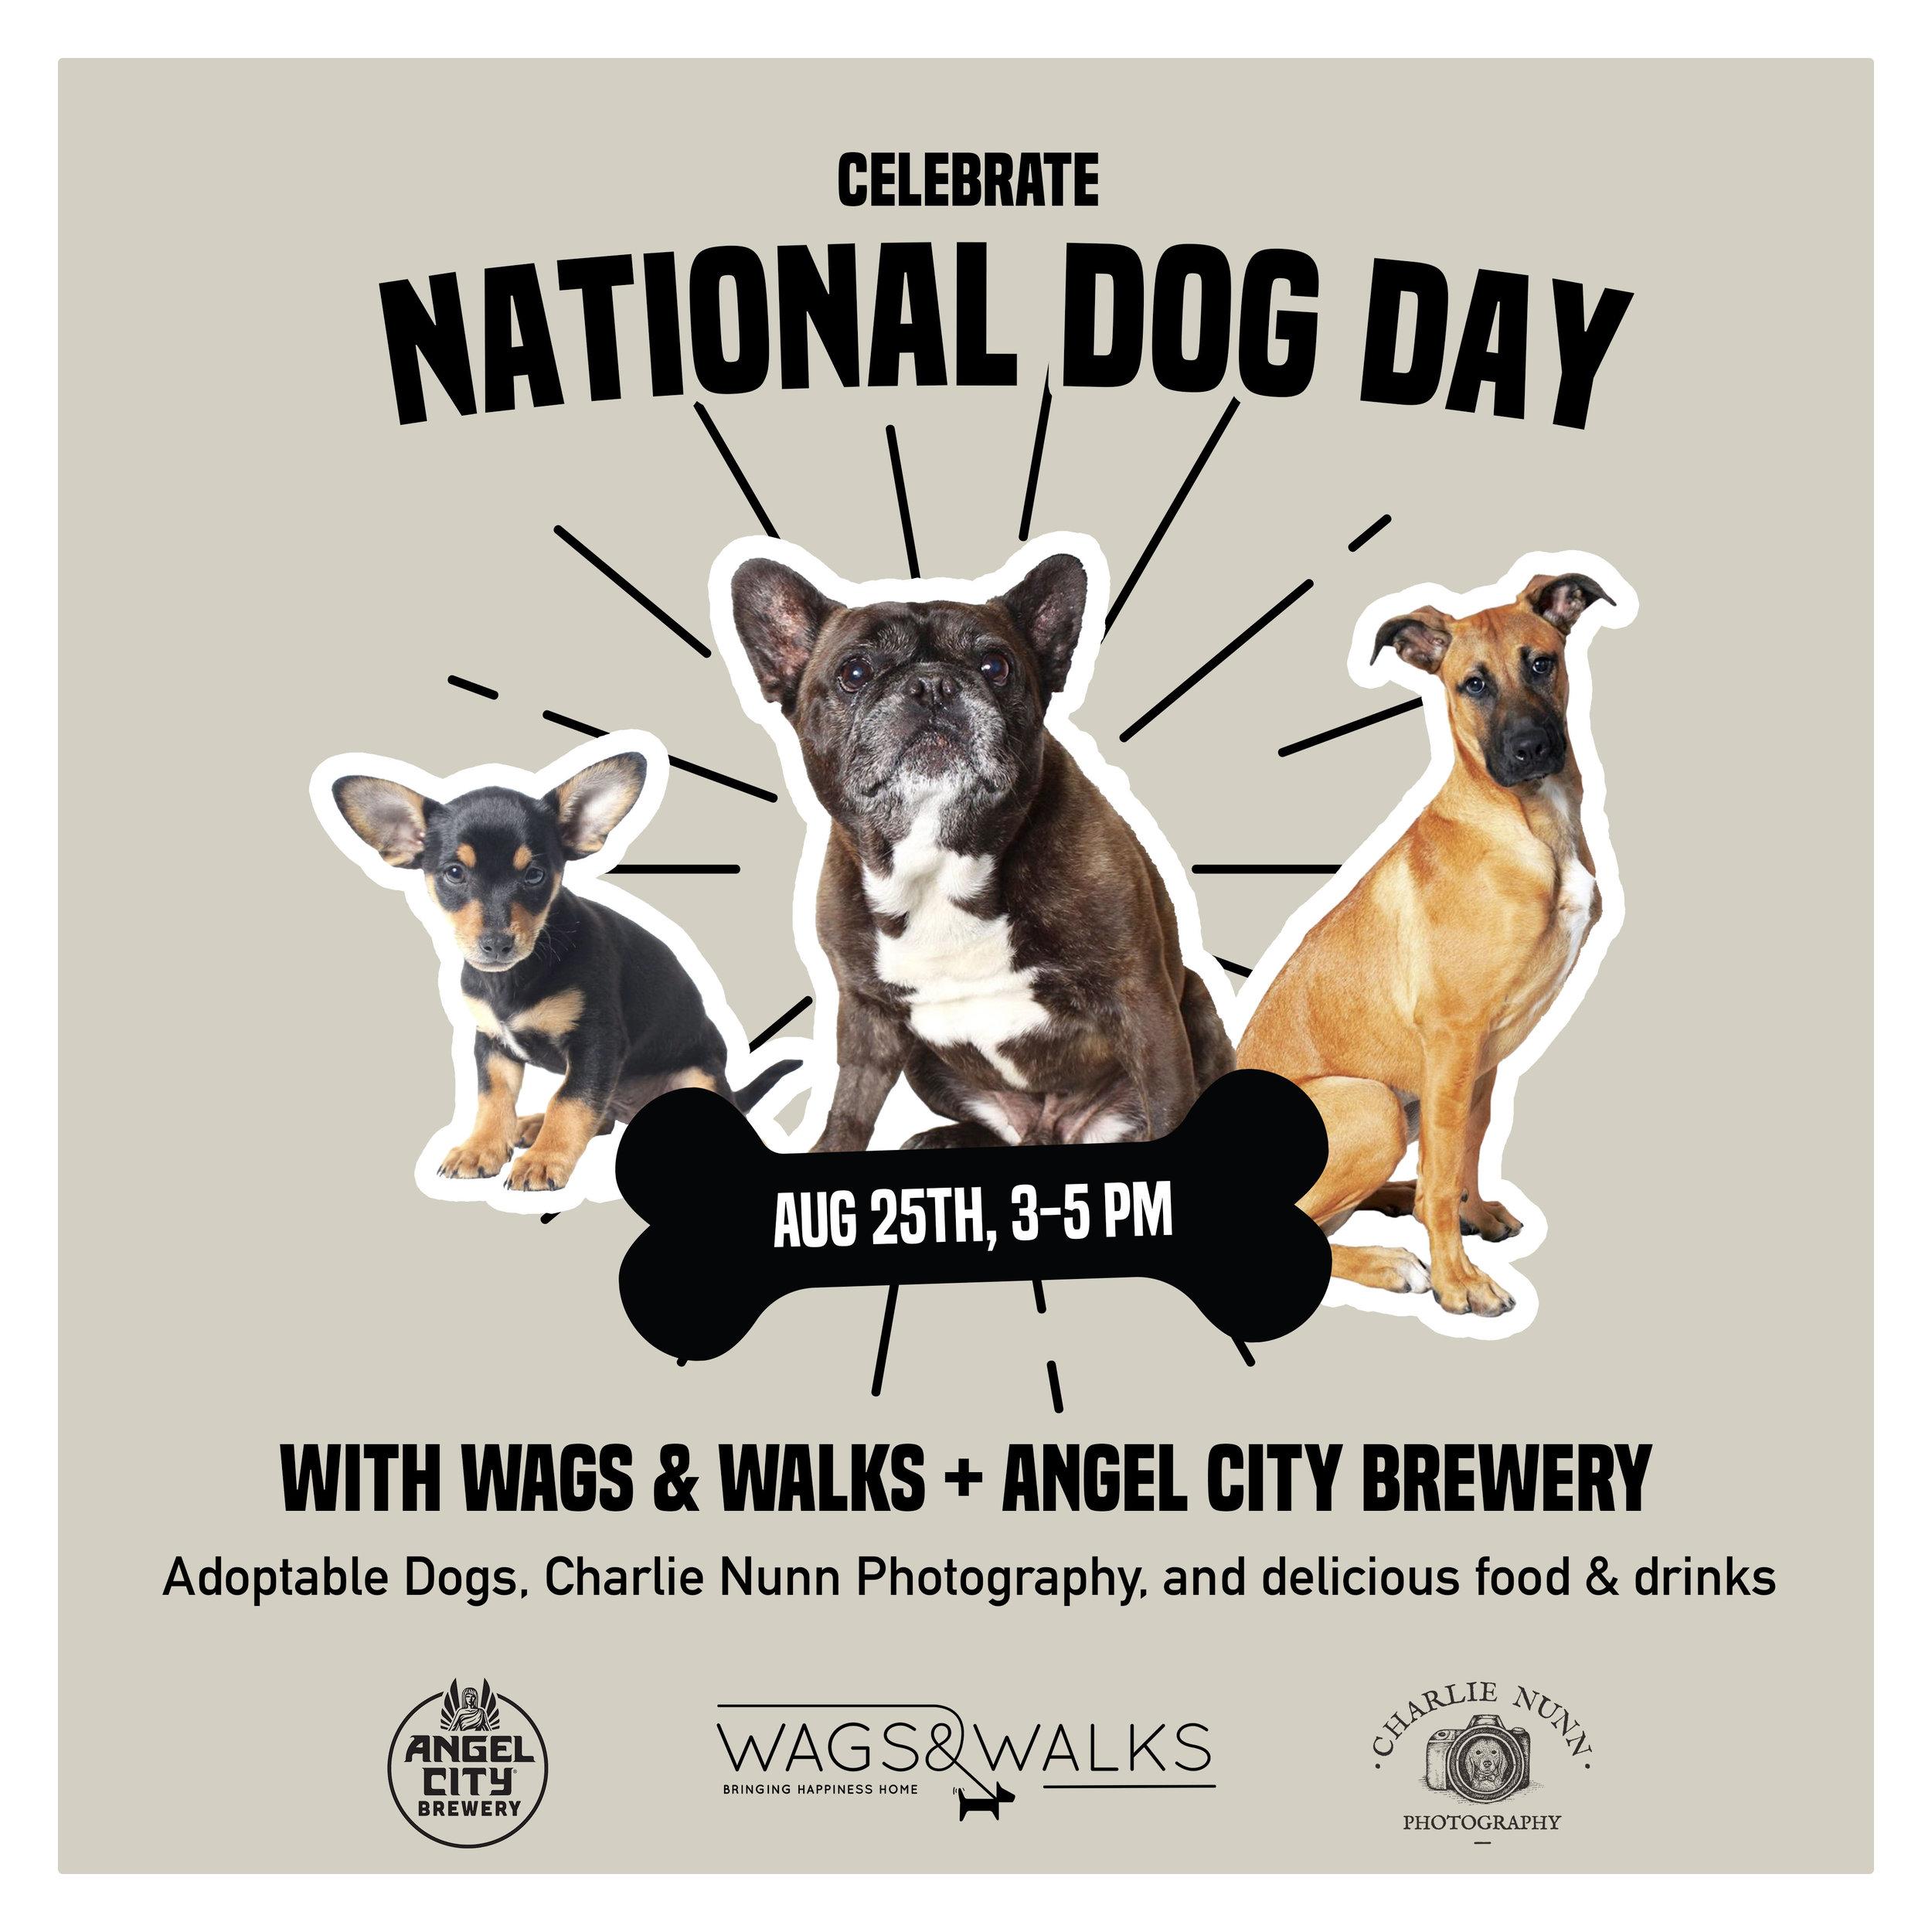 nationaldogday.jpg